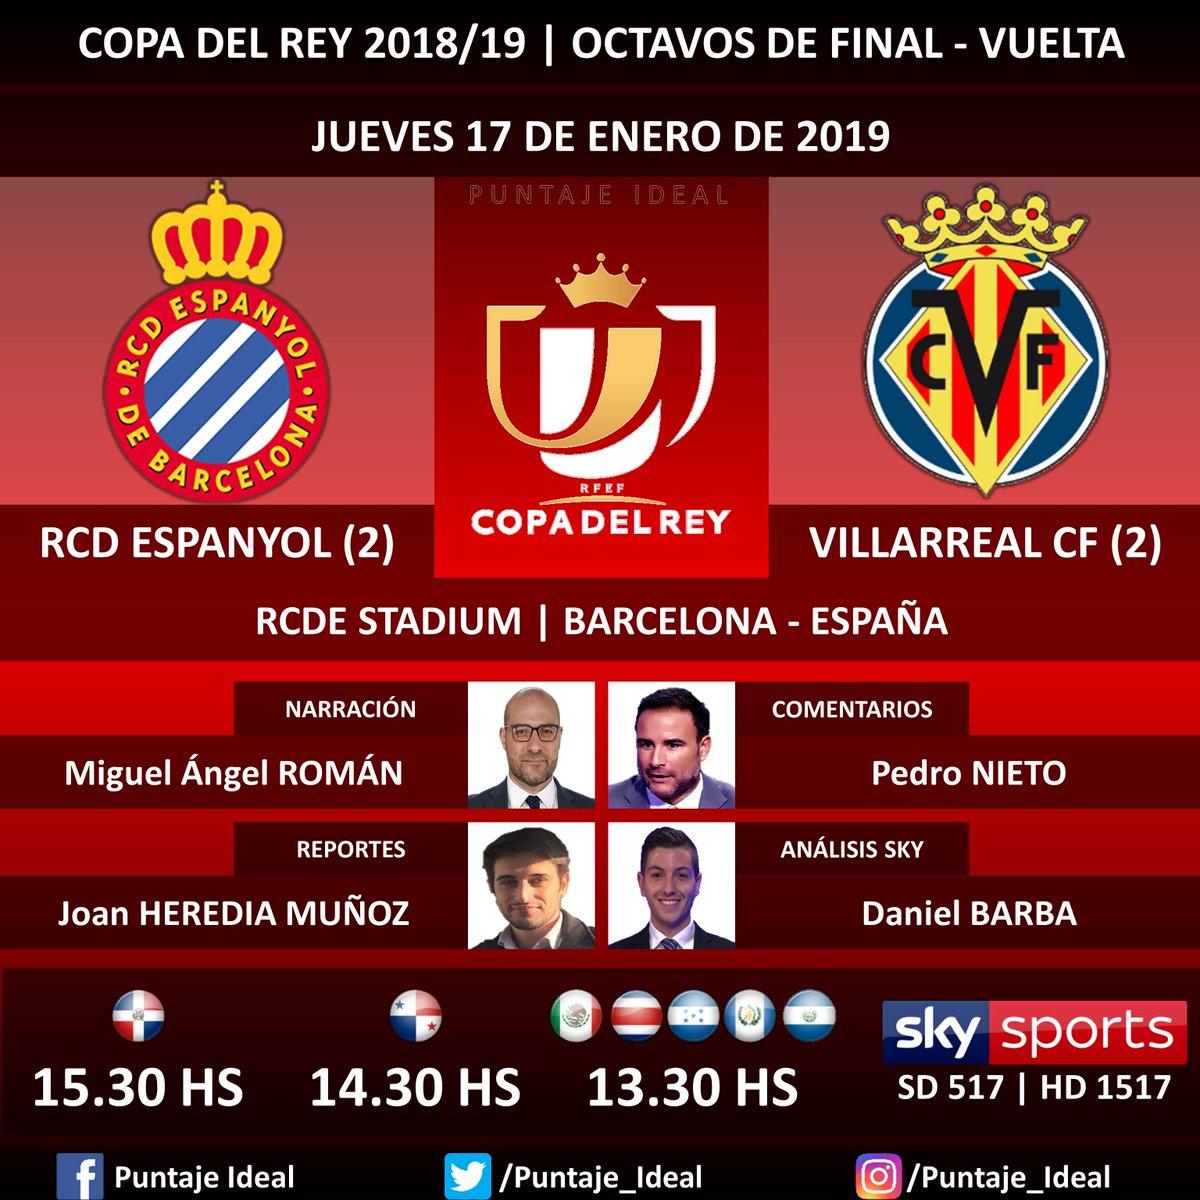 ⚽ #FútbolPorSKY   #RCDEspanyol vs. #VillarrealCF 🎙 Narración: @Miguel_An_Roman  🎙 Comentarios: @Pedronieto23  🎙 Reportes: @JoanHerediaM 🎙 Análisis SKY Sports: @DanielBarba_  📺 TV: #SKYSports (517 - 1517 HD) 🤳 @futbolporsky - #CopaDelRey 🇪🇸 - #EspanyolVillarreal Dale RT 🔃